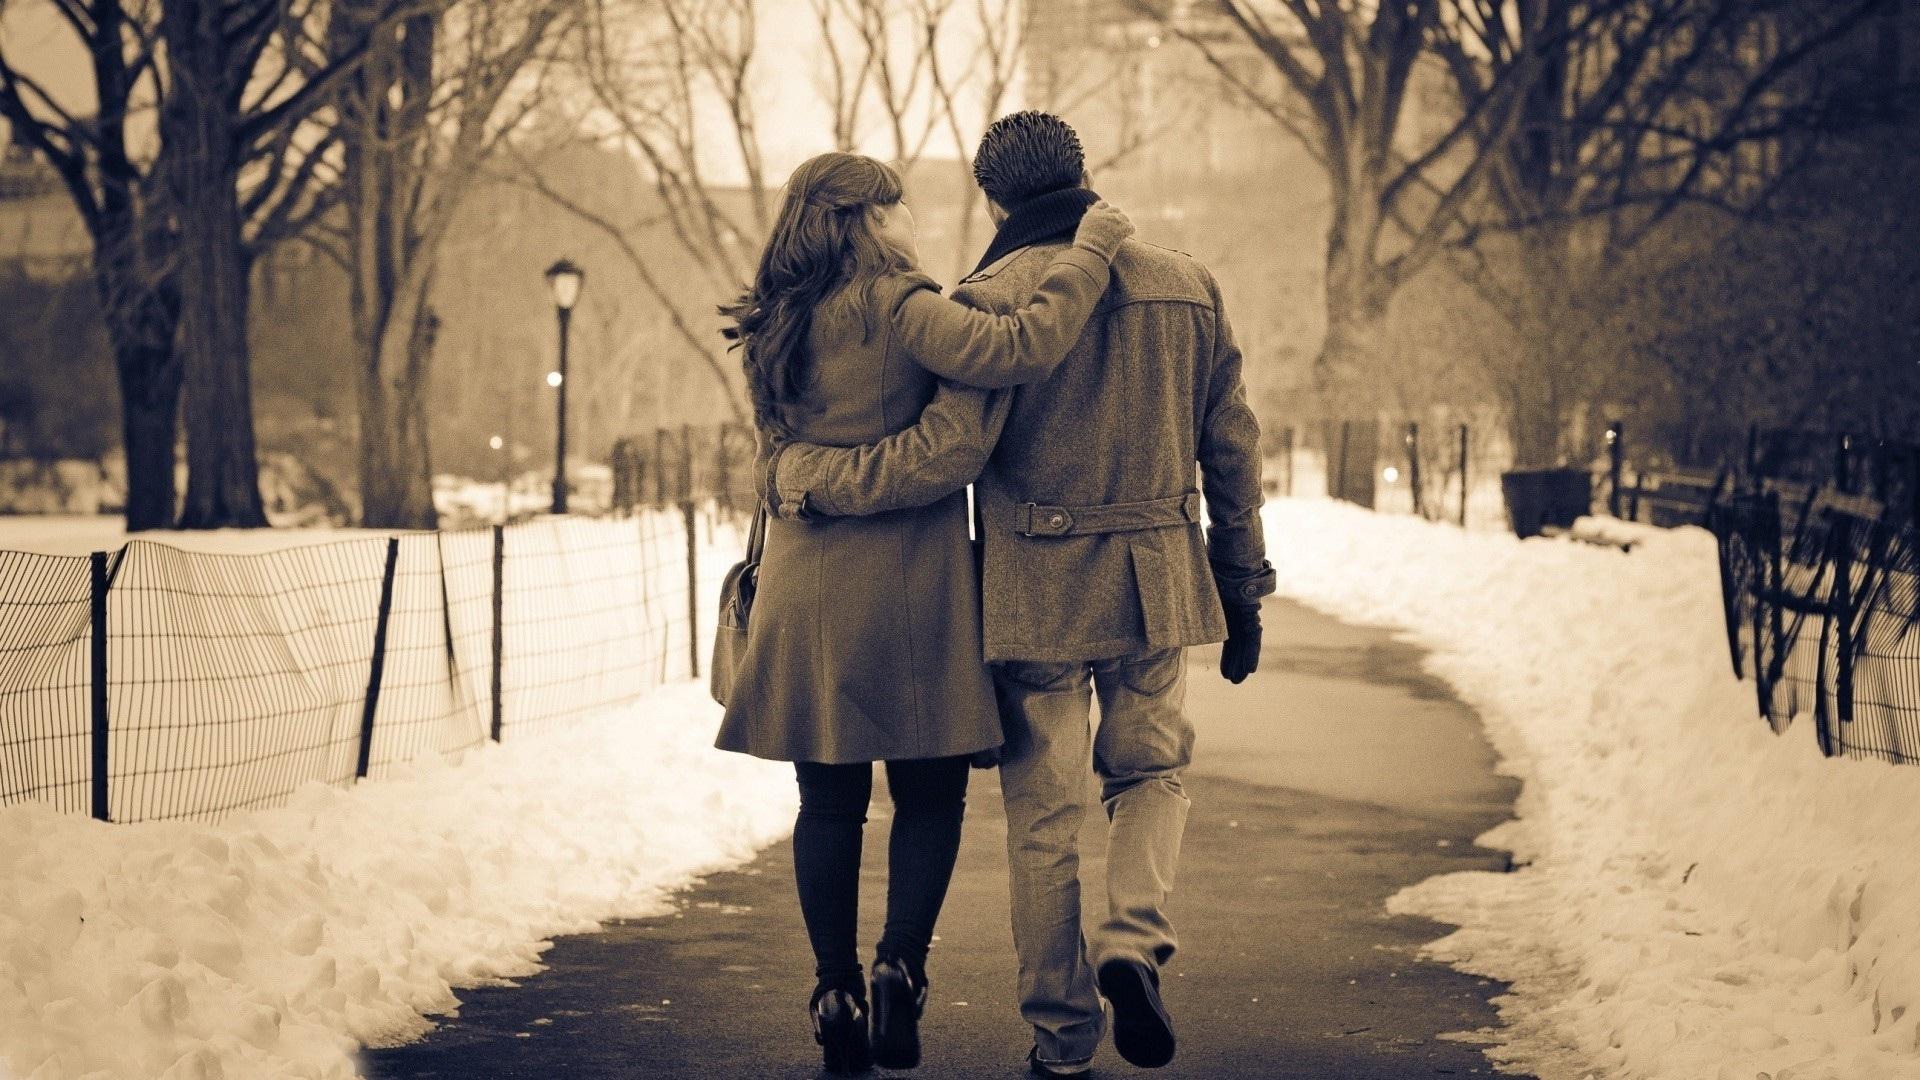 بالصور صور حب من غير كلام , بوستات حب ورومانسية بدون كلمات 4886 5